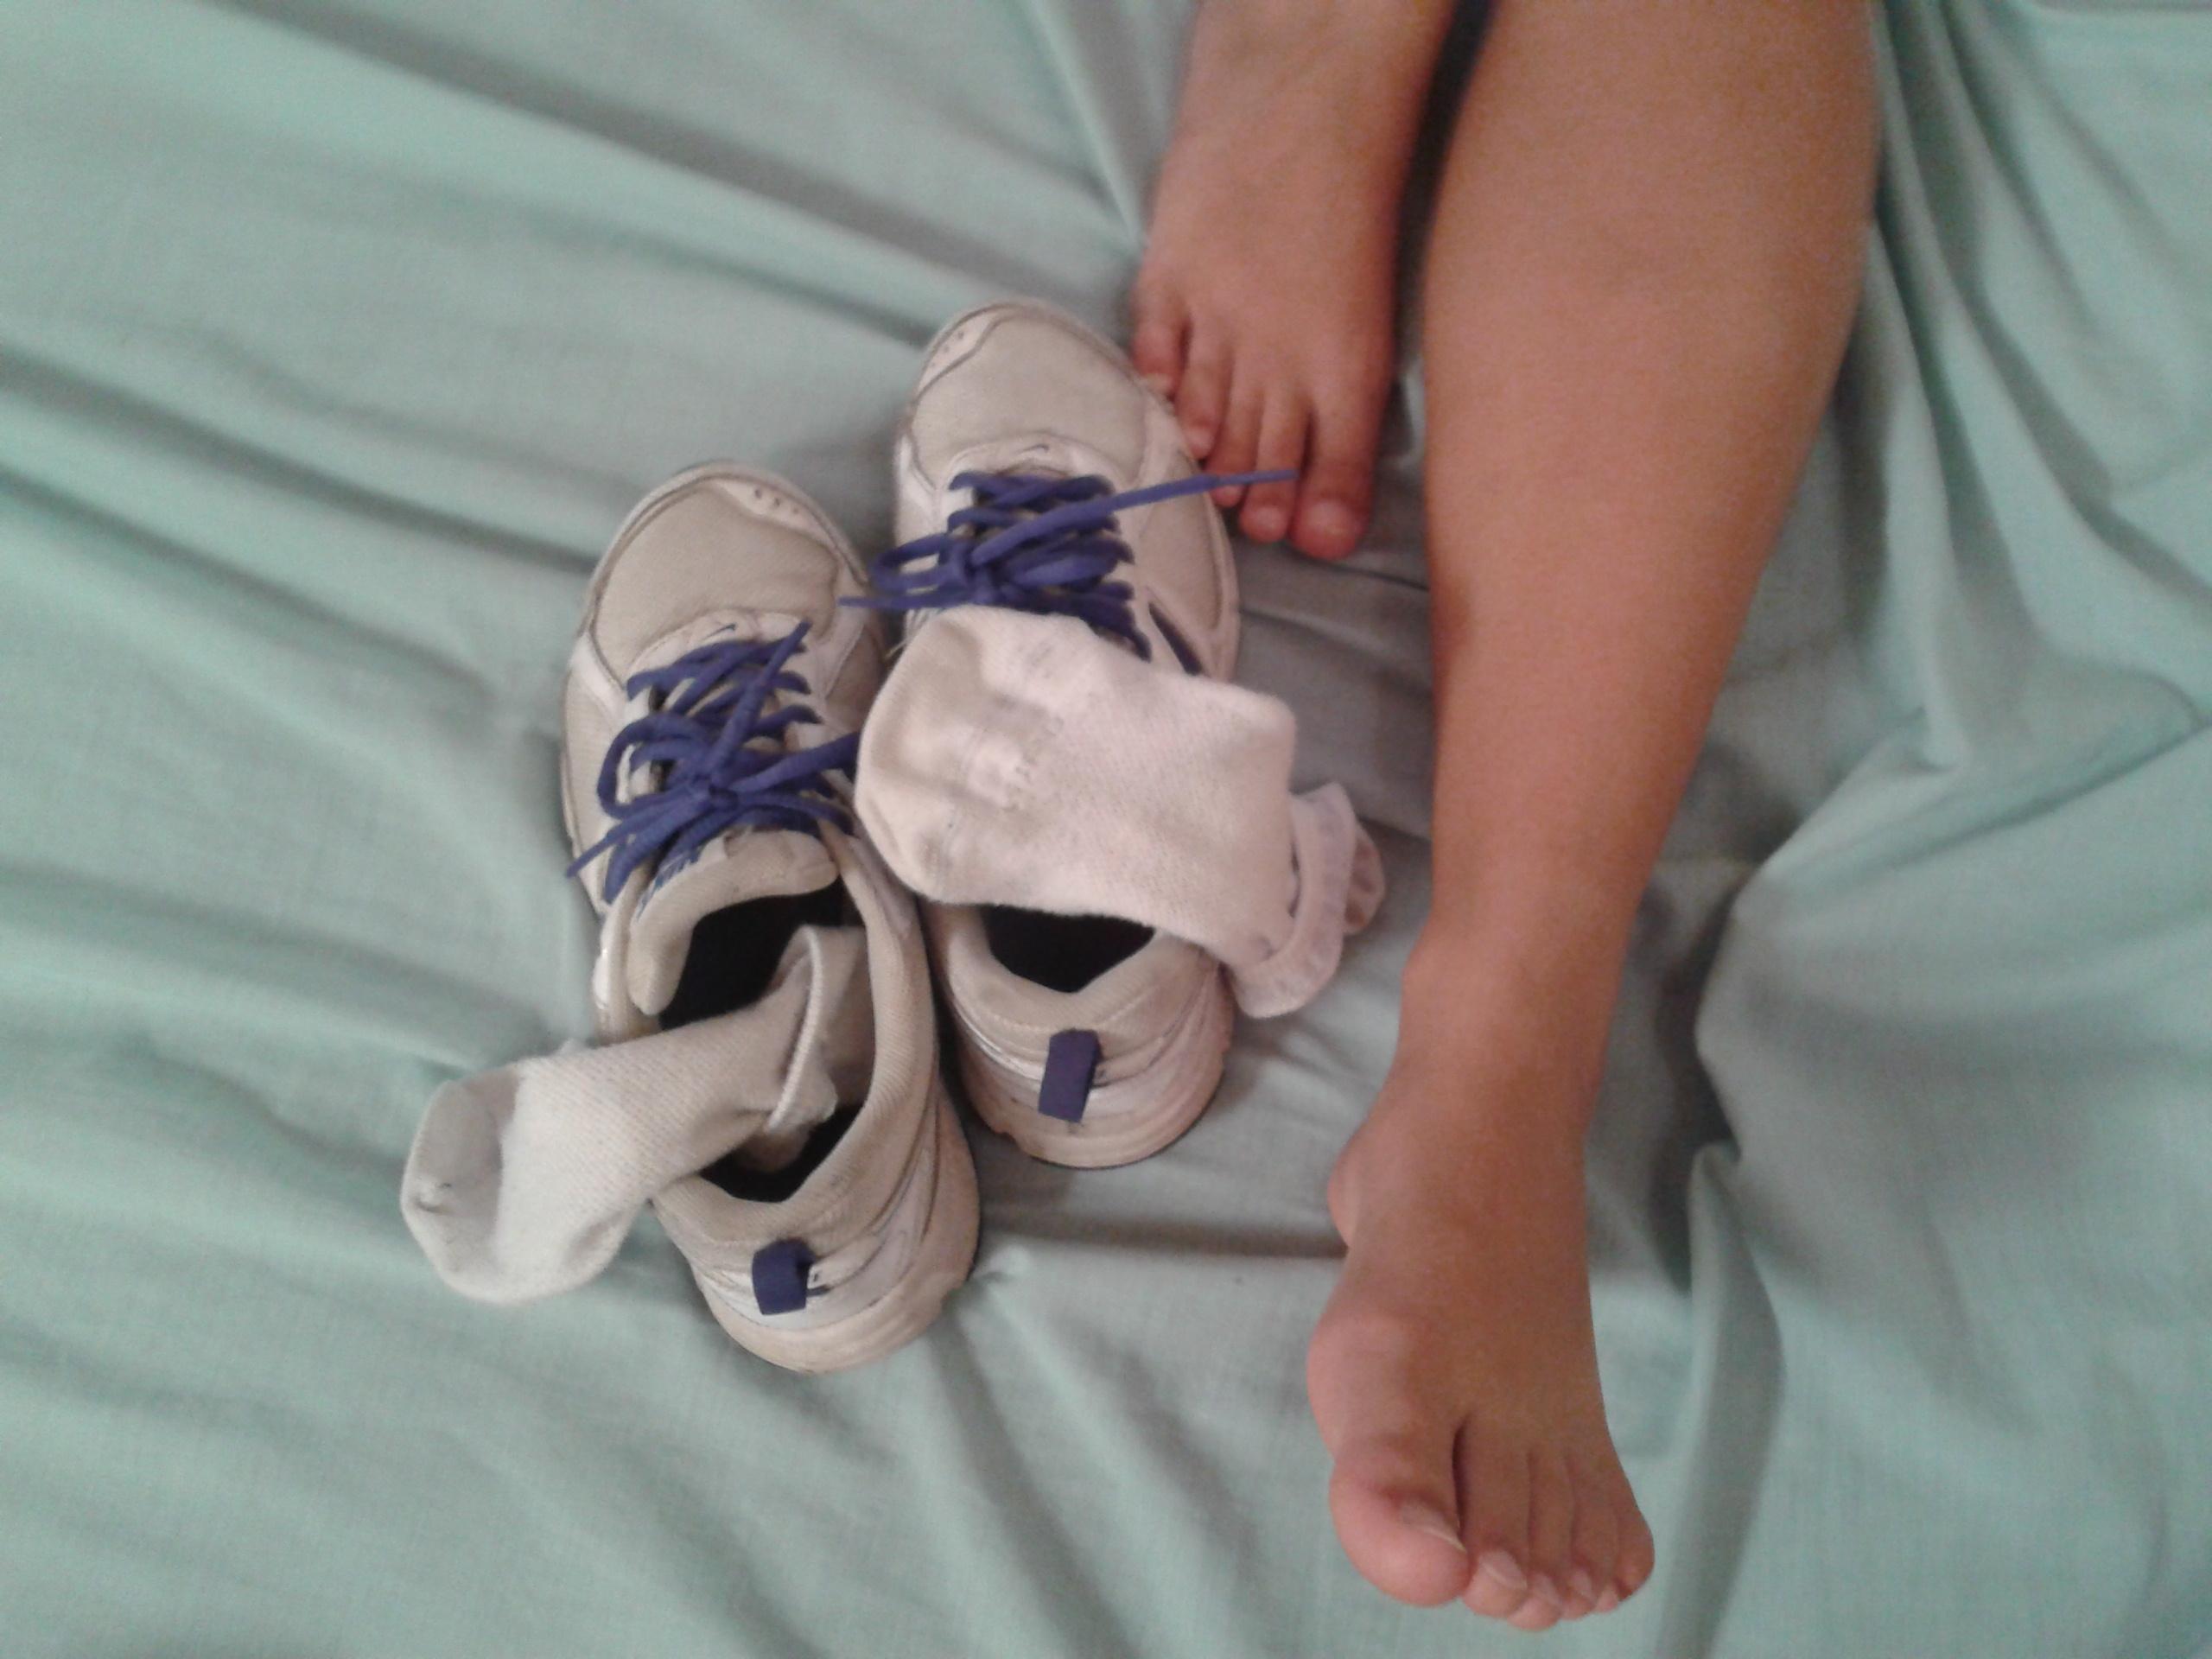 Nike a piedi nudi calzini Adidas scarpe da ginnastica comune bambino ragazza mano piede dito gamba